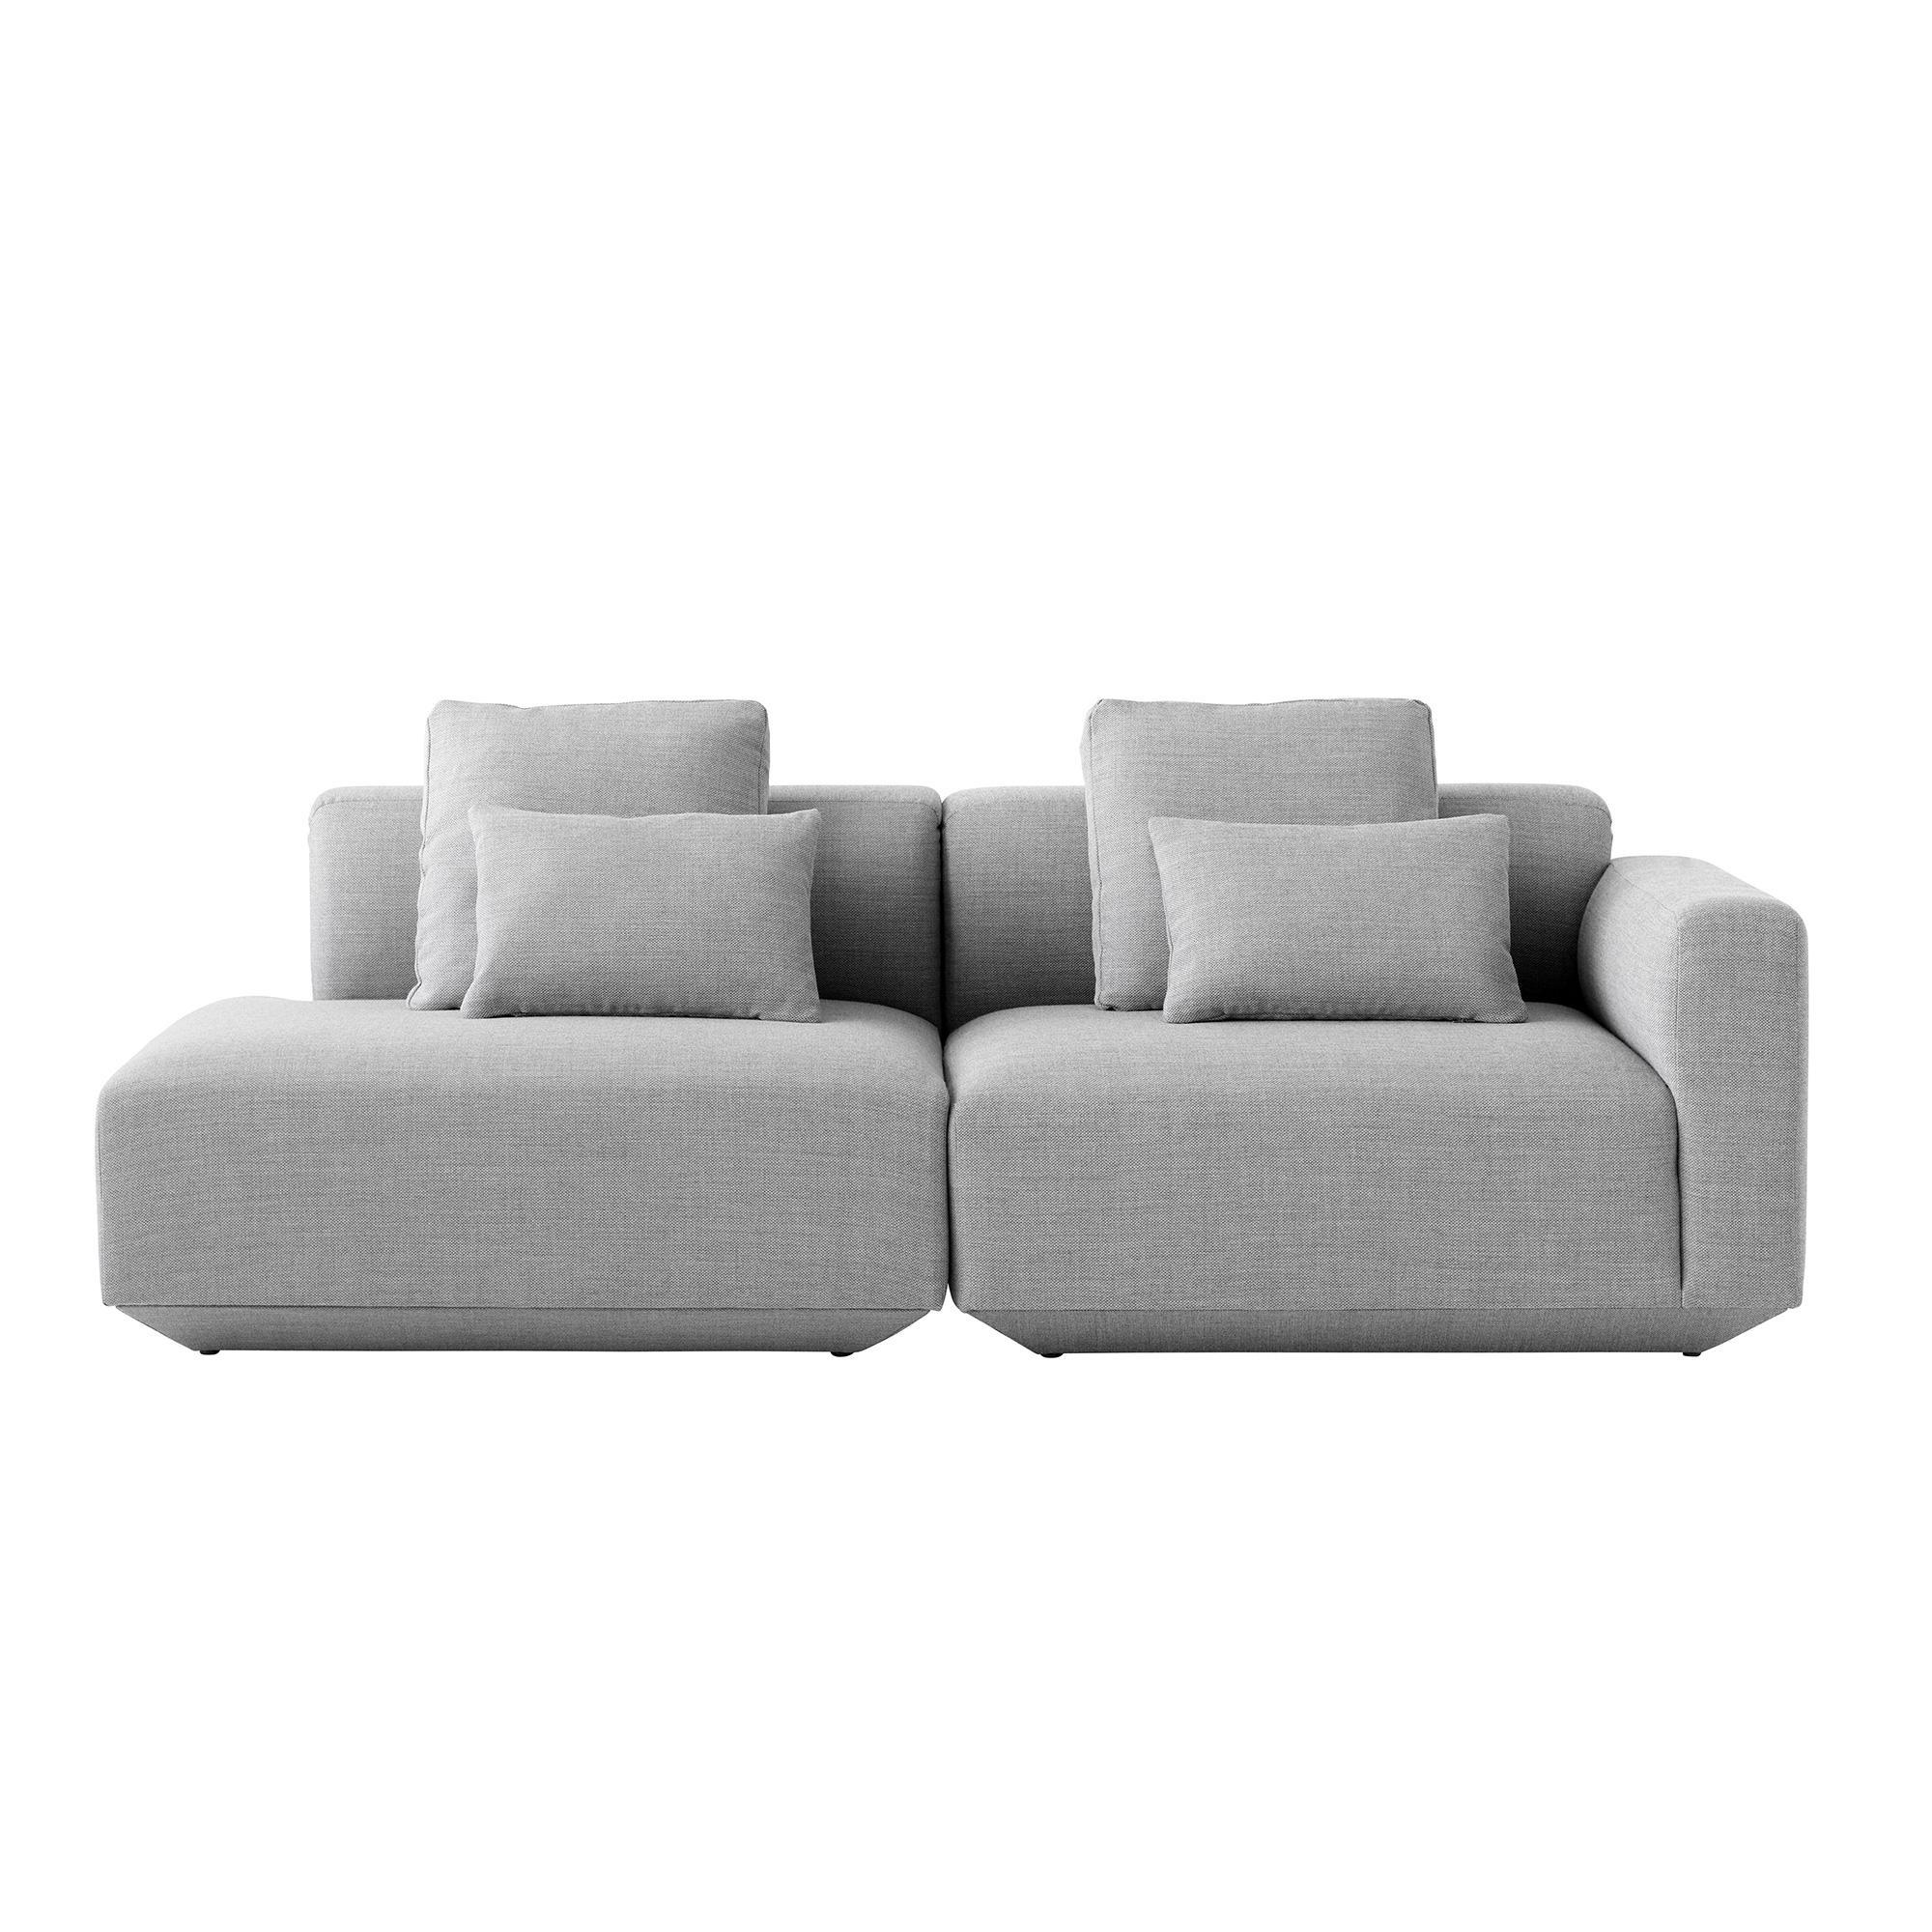 AndTradition - Élement canapé Develius accoudoir droit - gris/tissu Fiord 151/incl. coussins 2x 50x50cm/2x 50x35cm